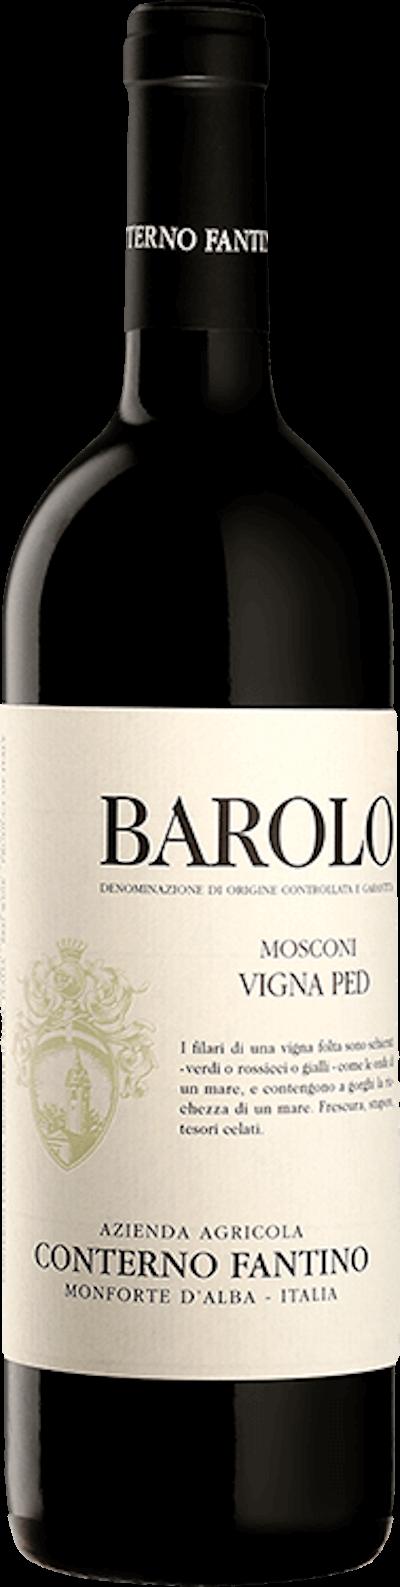 Conterno Fantino - Barolo Mosconi Vigna Ped DOCG bio